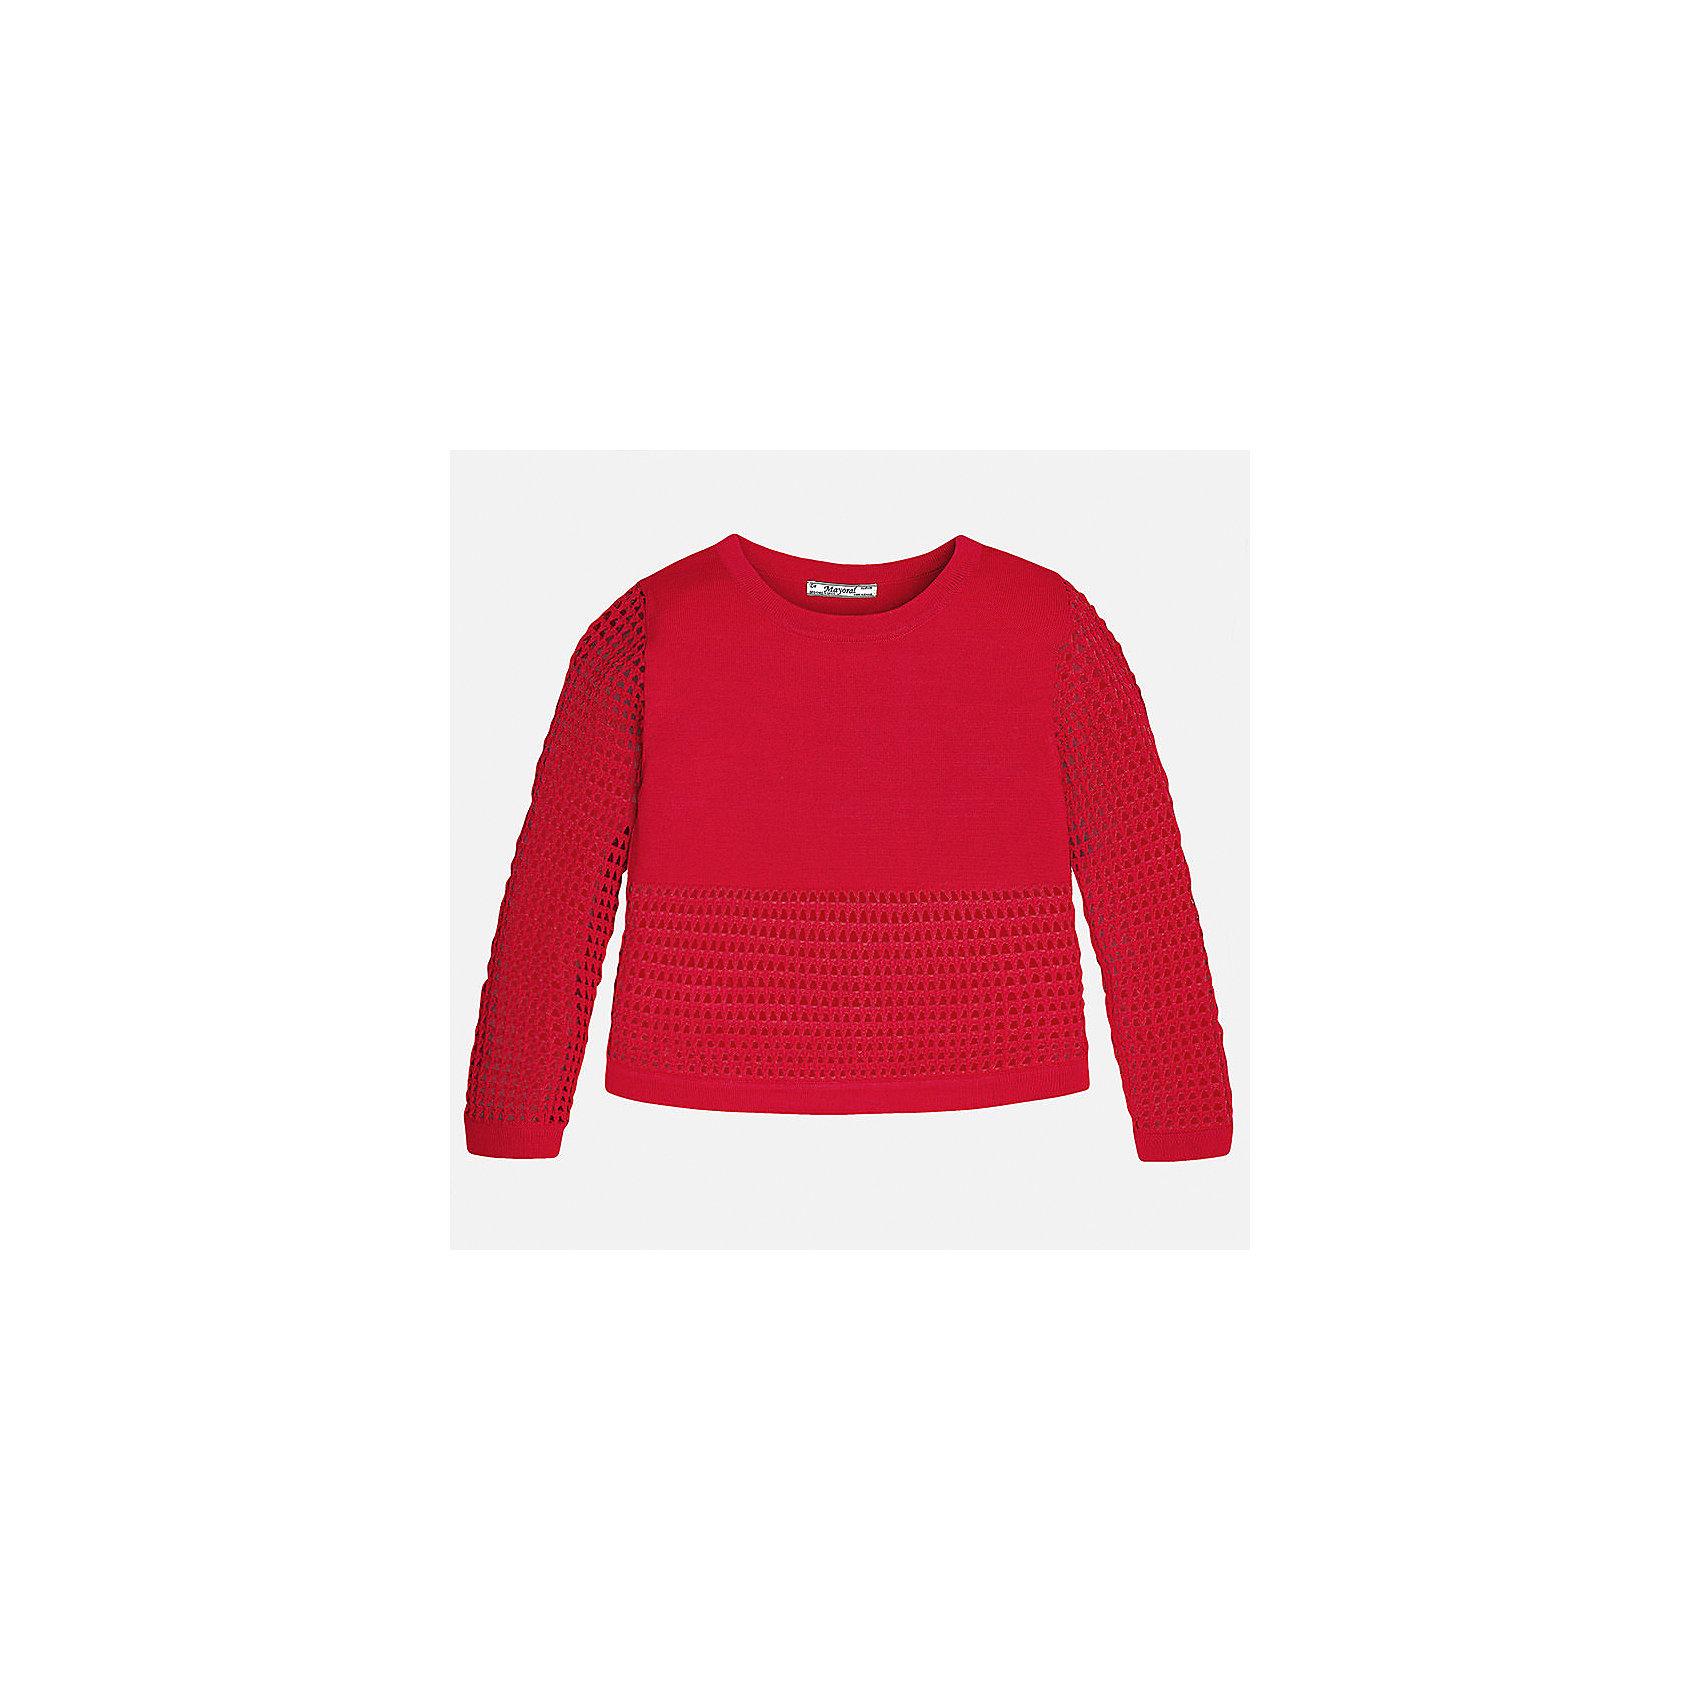 Свитер для девочки MayoralТолстовки<br>Характеристики товара:<br><br>• цвет: красный<br>• состав: 60% вискоза, 40% полиамид<br>• рукава длинные <br>• горловой вырез округлый<br>• отделка краев<br>• страна бренда: Испания<br><br>Удобный и красивый свитер для девочки поможет разнообразить гардероб ребенка и украсить наряд. Он отлично сочетается и с юбками, и с брюками. Универсальный цвет позволяет подобрать к вещи низ различных расцветок. Интересная отделка модели делает её нарядной и оригинальной. <br><br>Одежда, обувь и аксессуары от испанского бренда Mayoral полюбились детям и взрослым по всему миру. Модели этой марки - стильные и удобные. Для их производства используются только безопасные, качественные материалы и фурнитура. Порадуйте ребенка модными и красивыми вещами от Mayoral! <br><br>Свитер для девочки от испанского бренда Mayoral (Майорал) можно купить в нашем интернет-магазине.<br><br>Ширина мм: 190<br>Глубина мм: 74<br>Высота мм: 229<br>Вес г: 236<br>Цвет: красный<br>Возраст от месяцев: 168<br>Возраст до месяцев: 180<br>Пол: Женский<br>Возраст: Детский<br>Размер: 170,128/134,140,152,158,164<br>SKU: 5292769